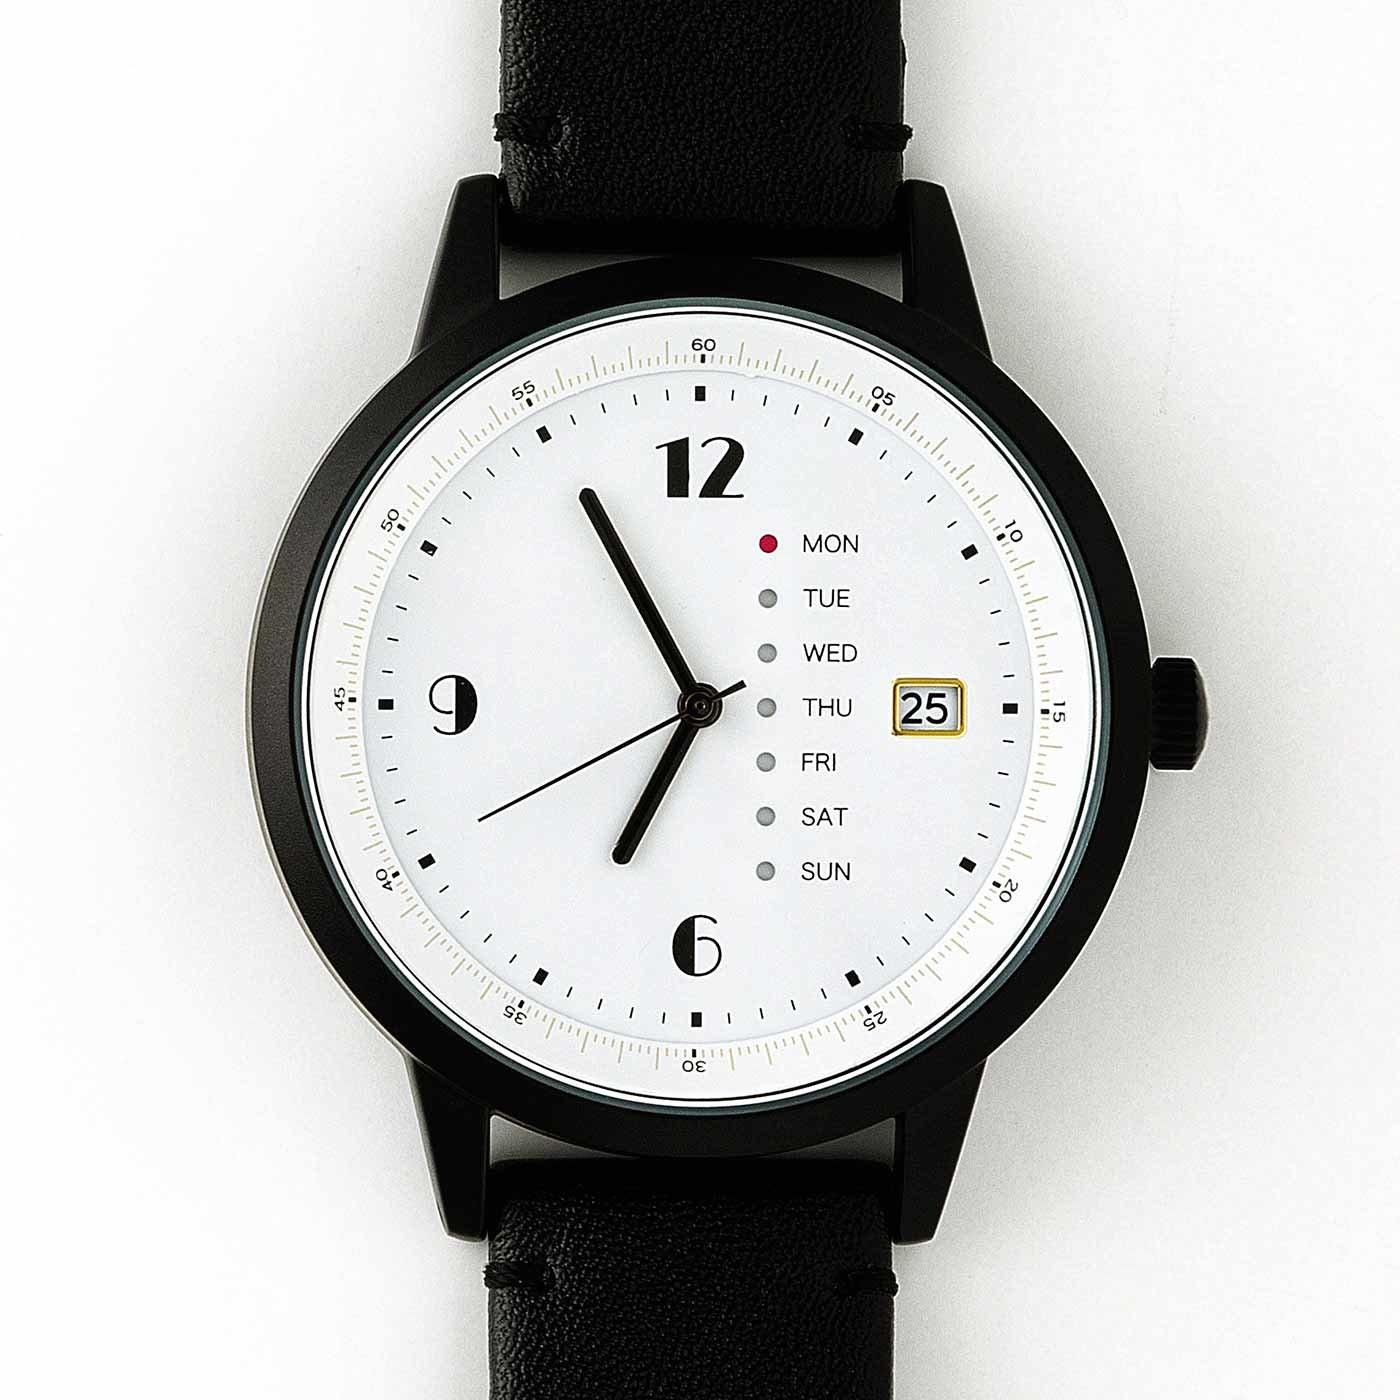 日付と曜日がわかる 大きな文字盤が見やすい腕時計の会